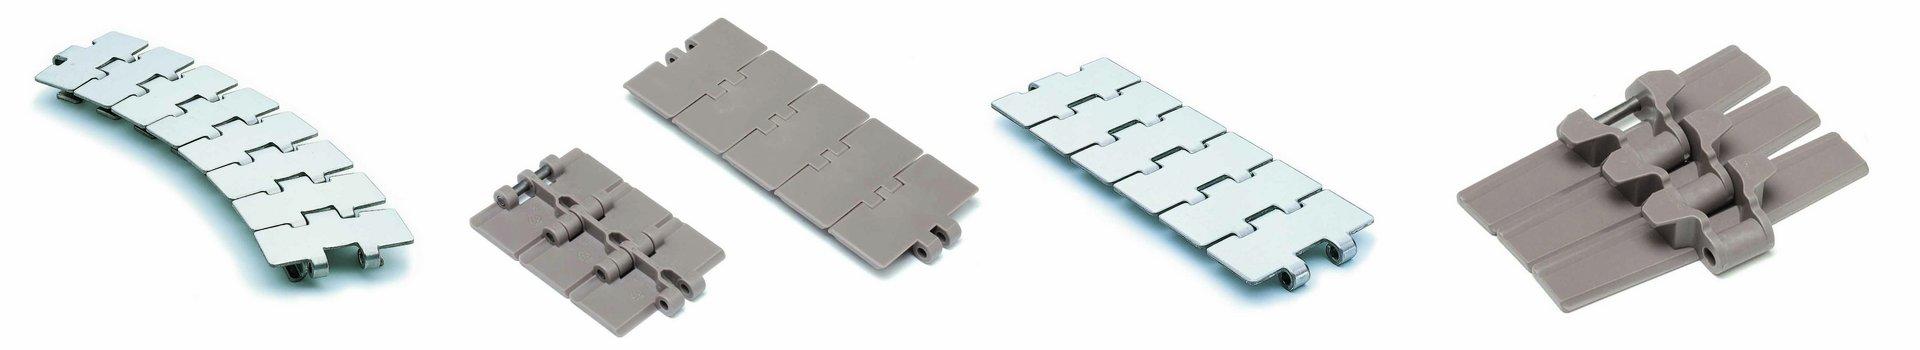 Scharnierbandketten, Modular Belts, Kurvenführung